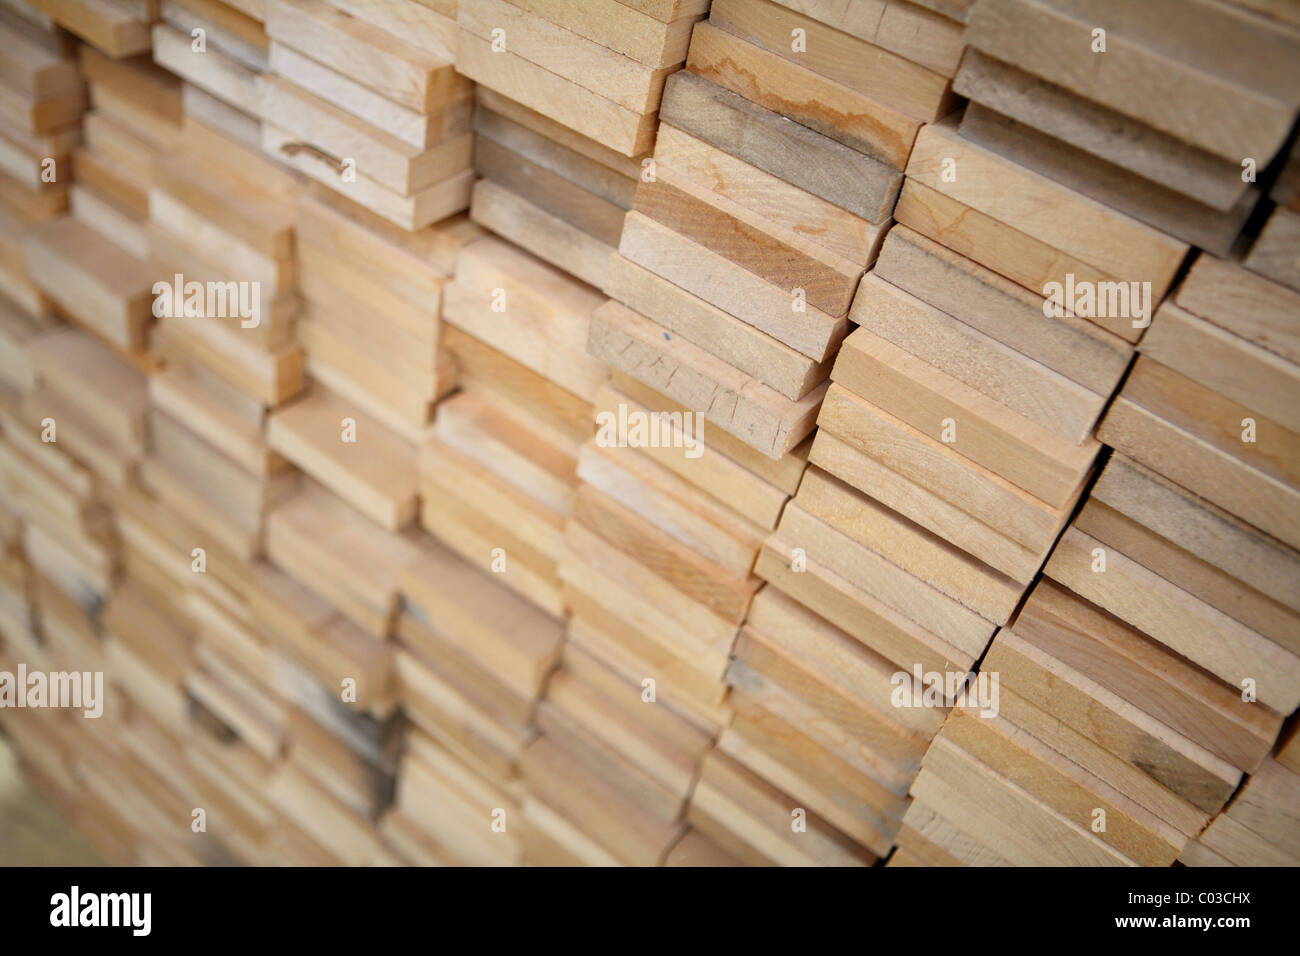 Pranchas de madeira empilhados Imagens de Stock